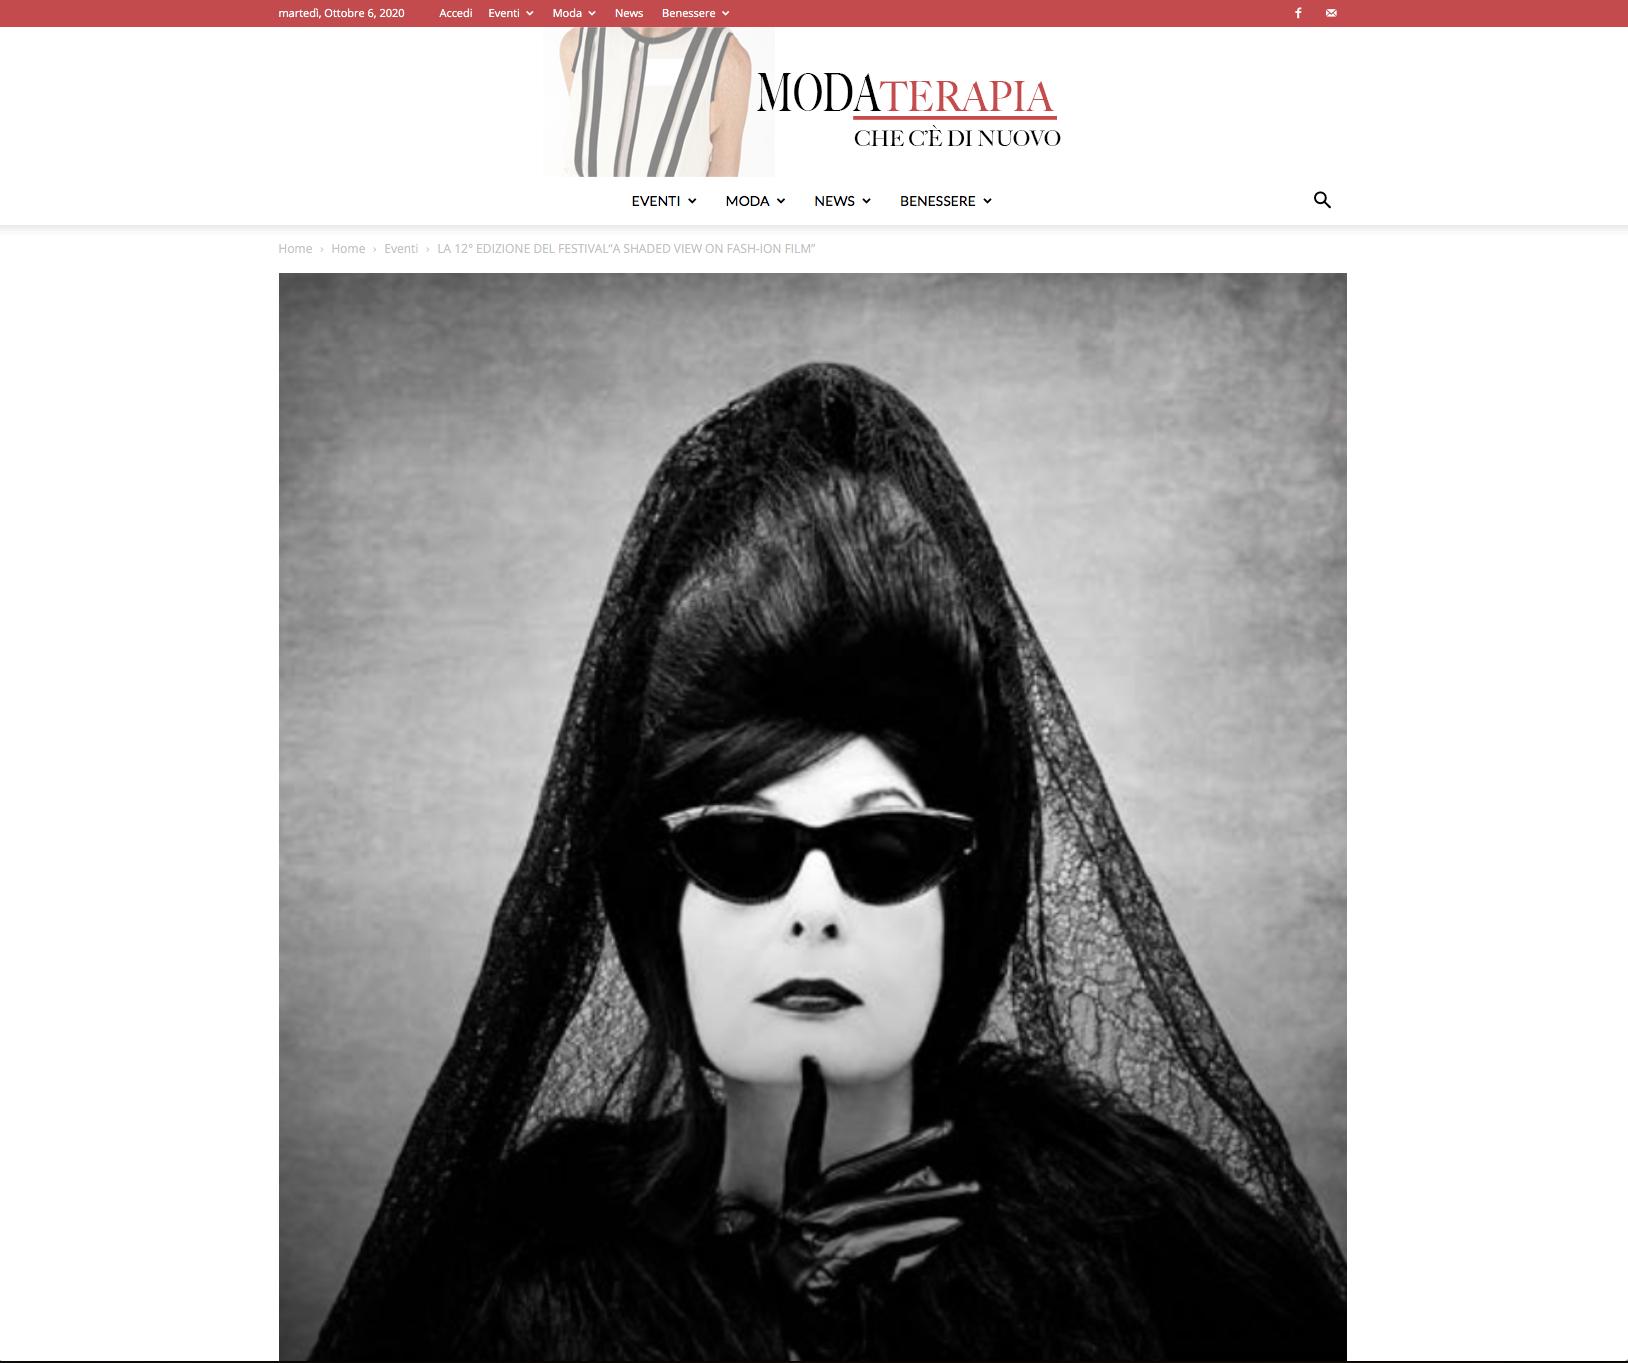 ASVOFF 12 - Moda Terapia (Italy)